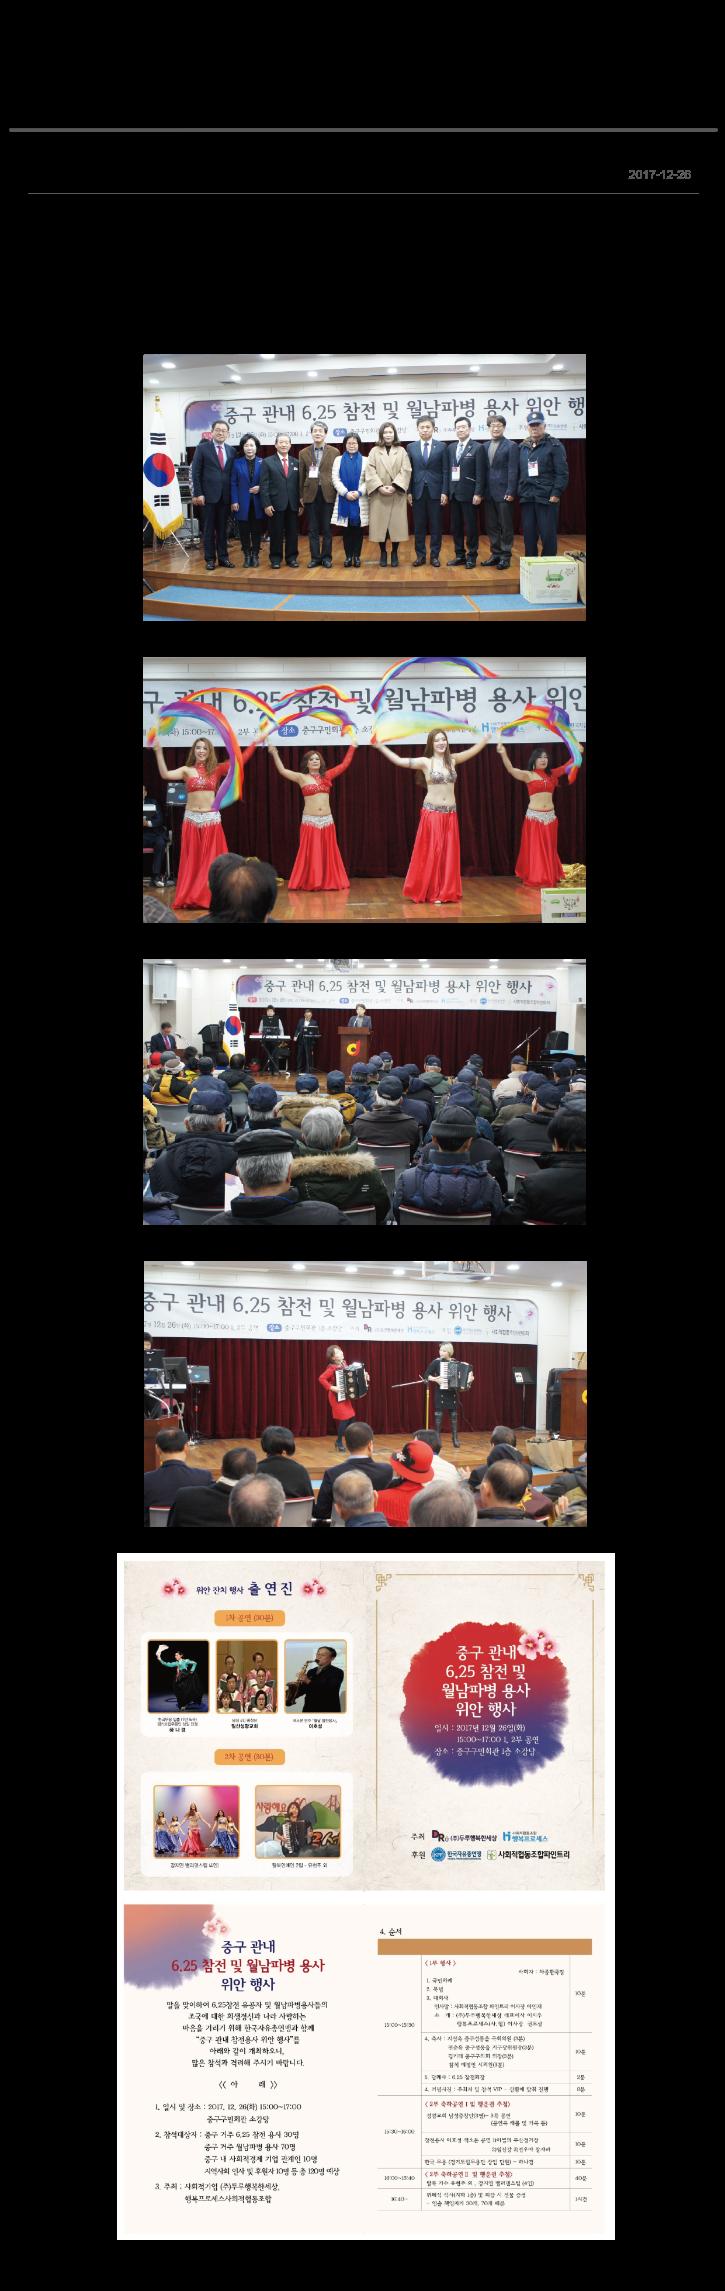 행프 사회공헌 상세페이지-01.png